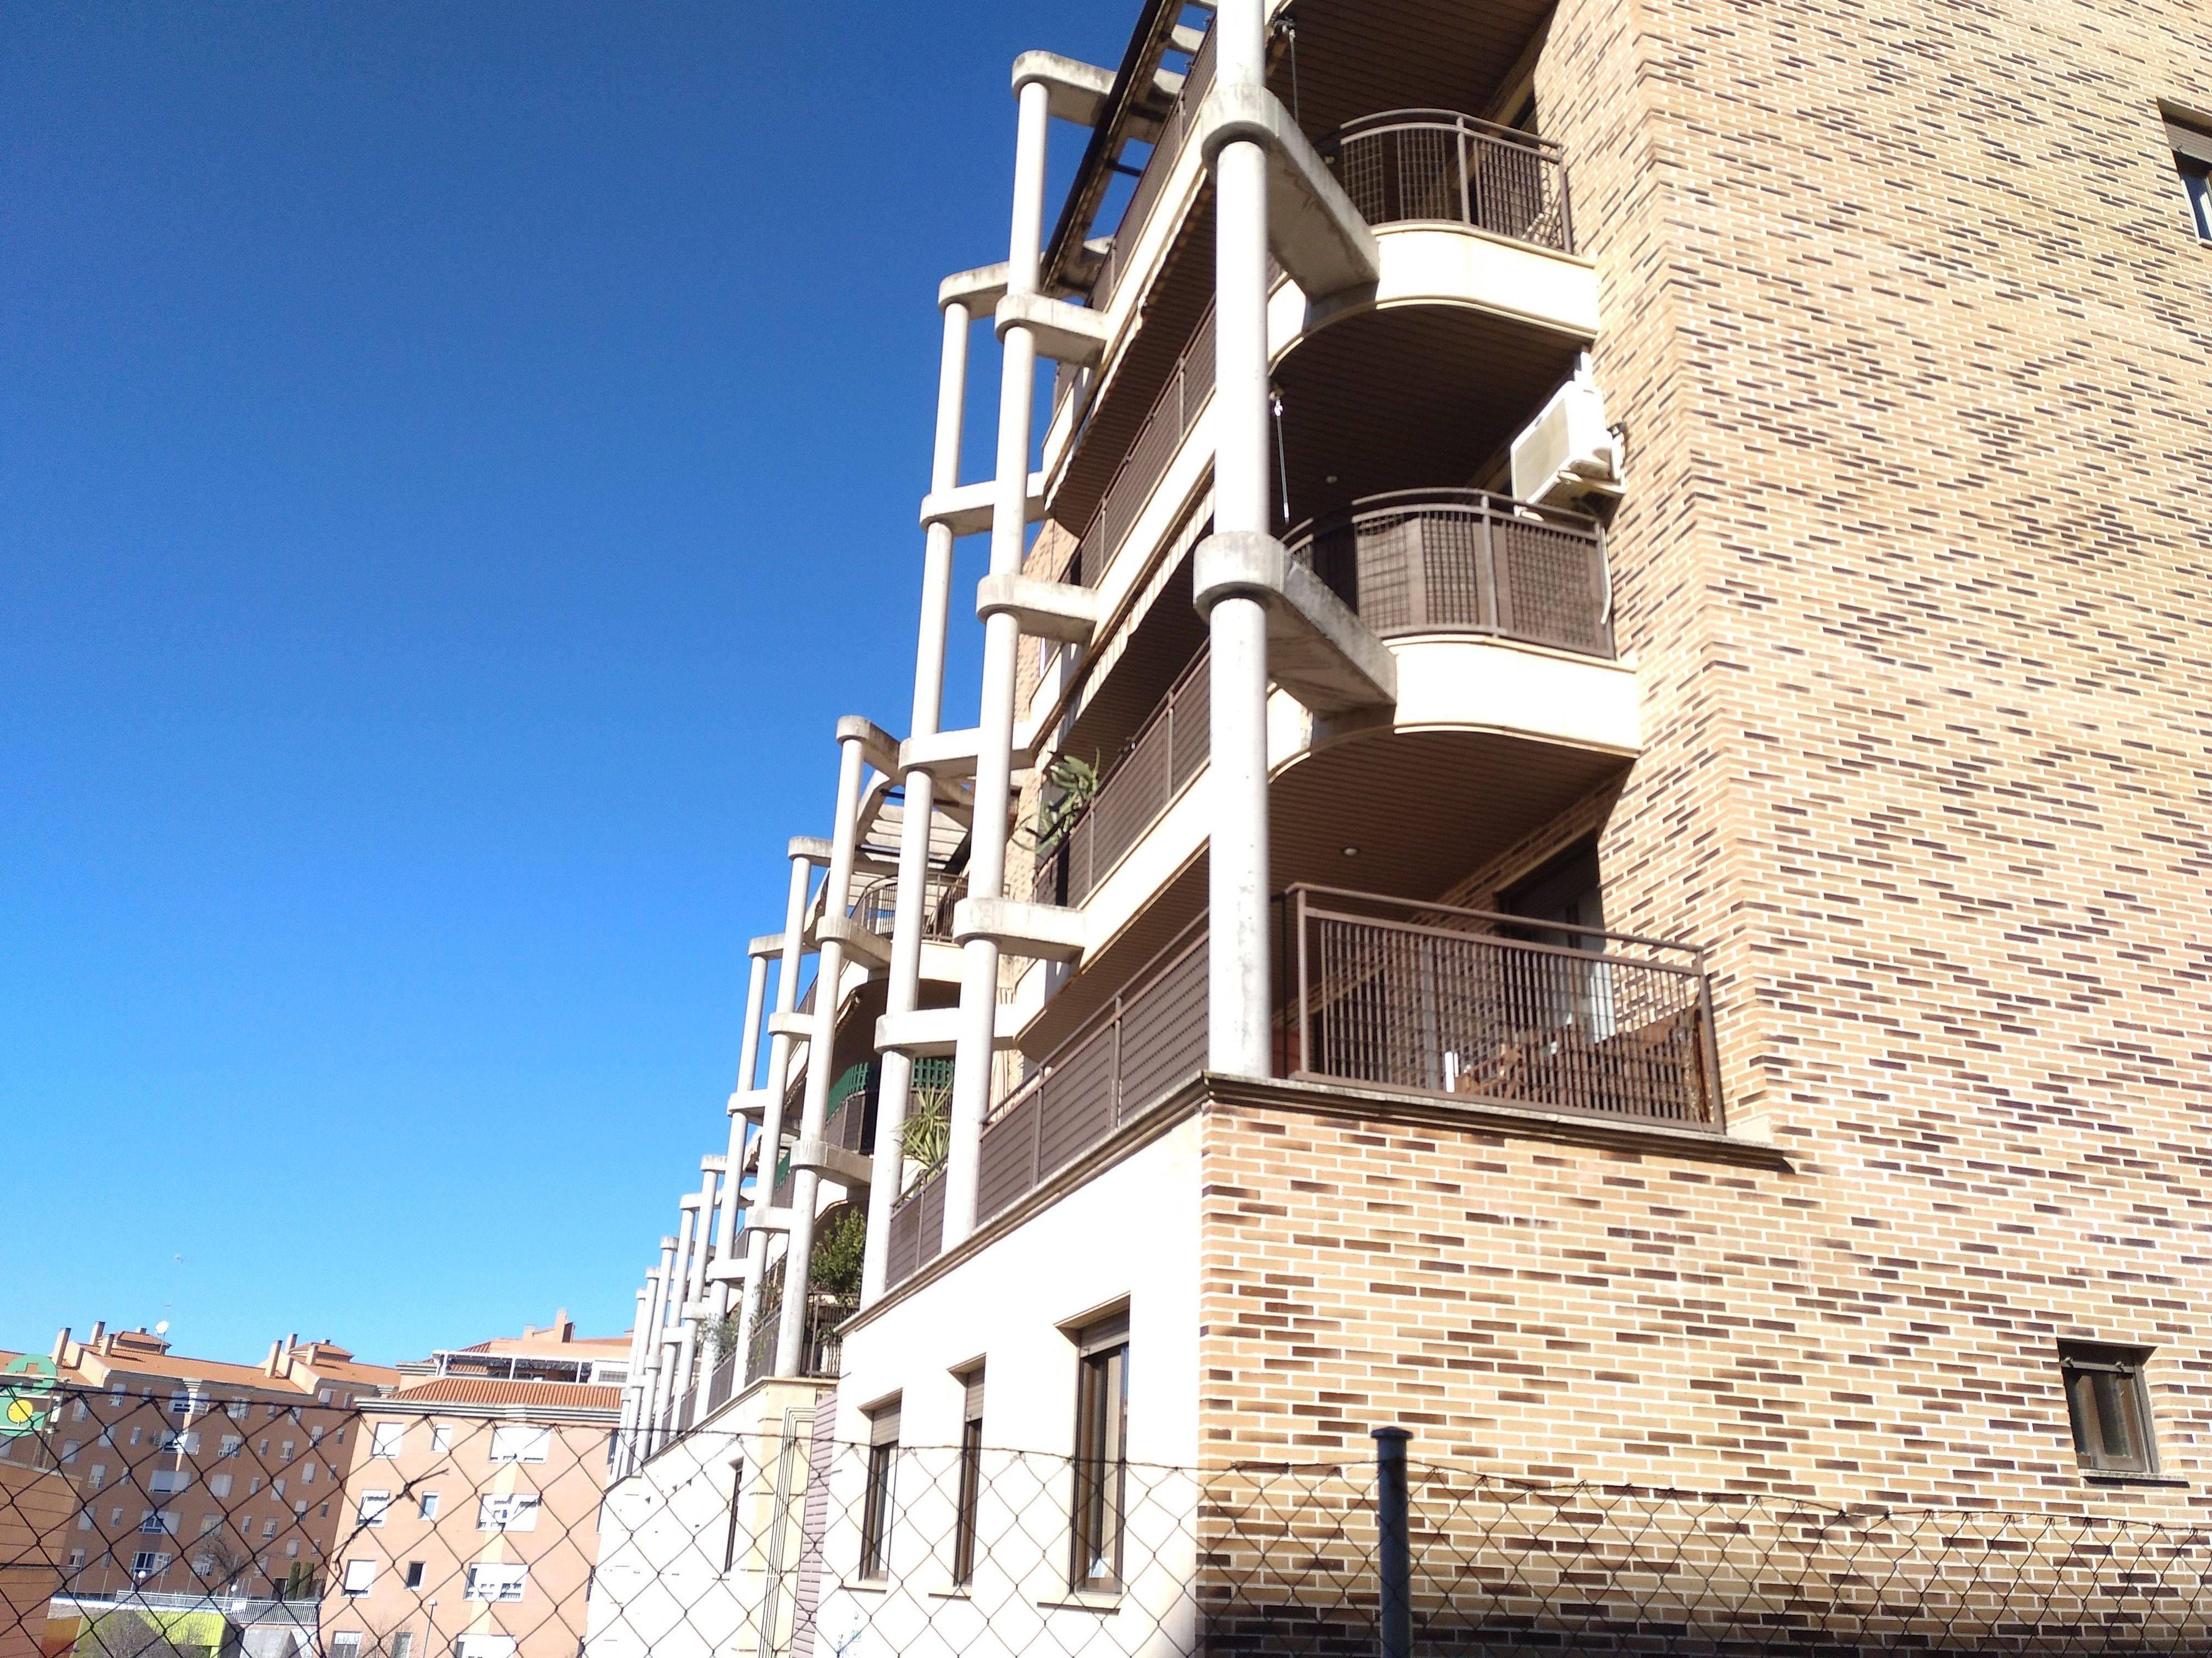 PISO EN TOLEDO, CALLE IRLANDA: Inmuebles de Inmobiliaria La Montañesa